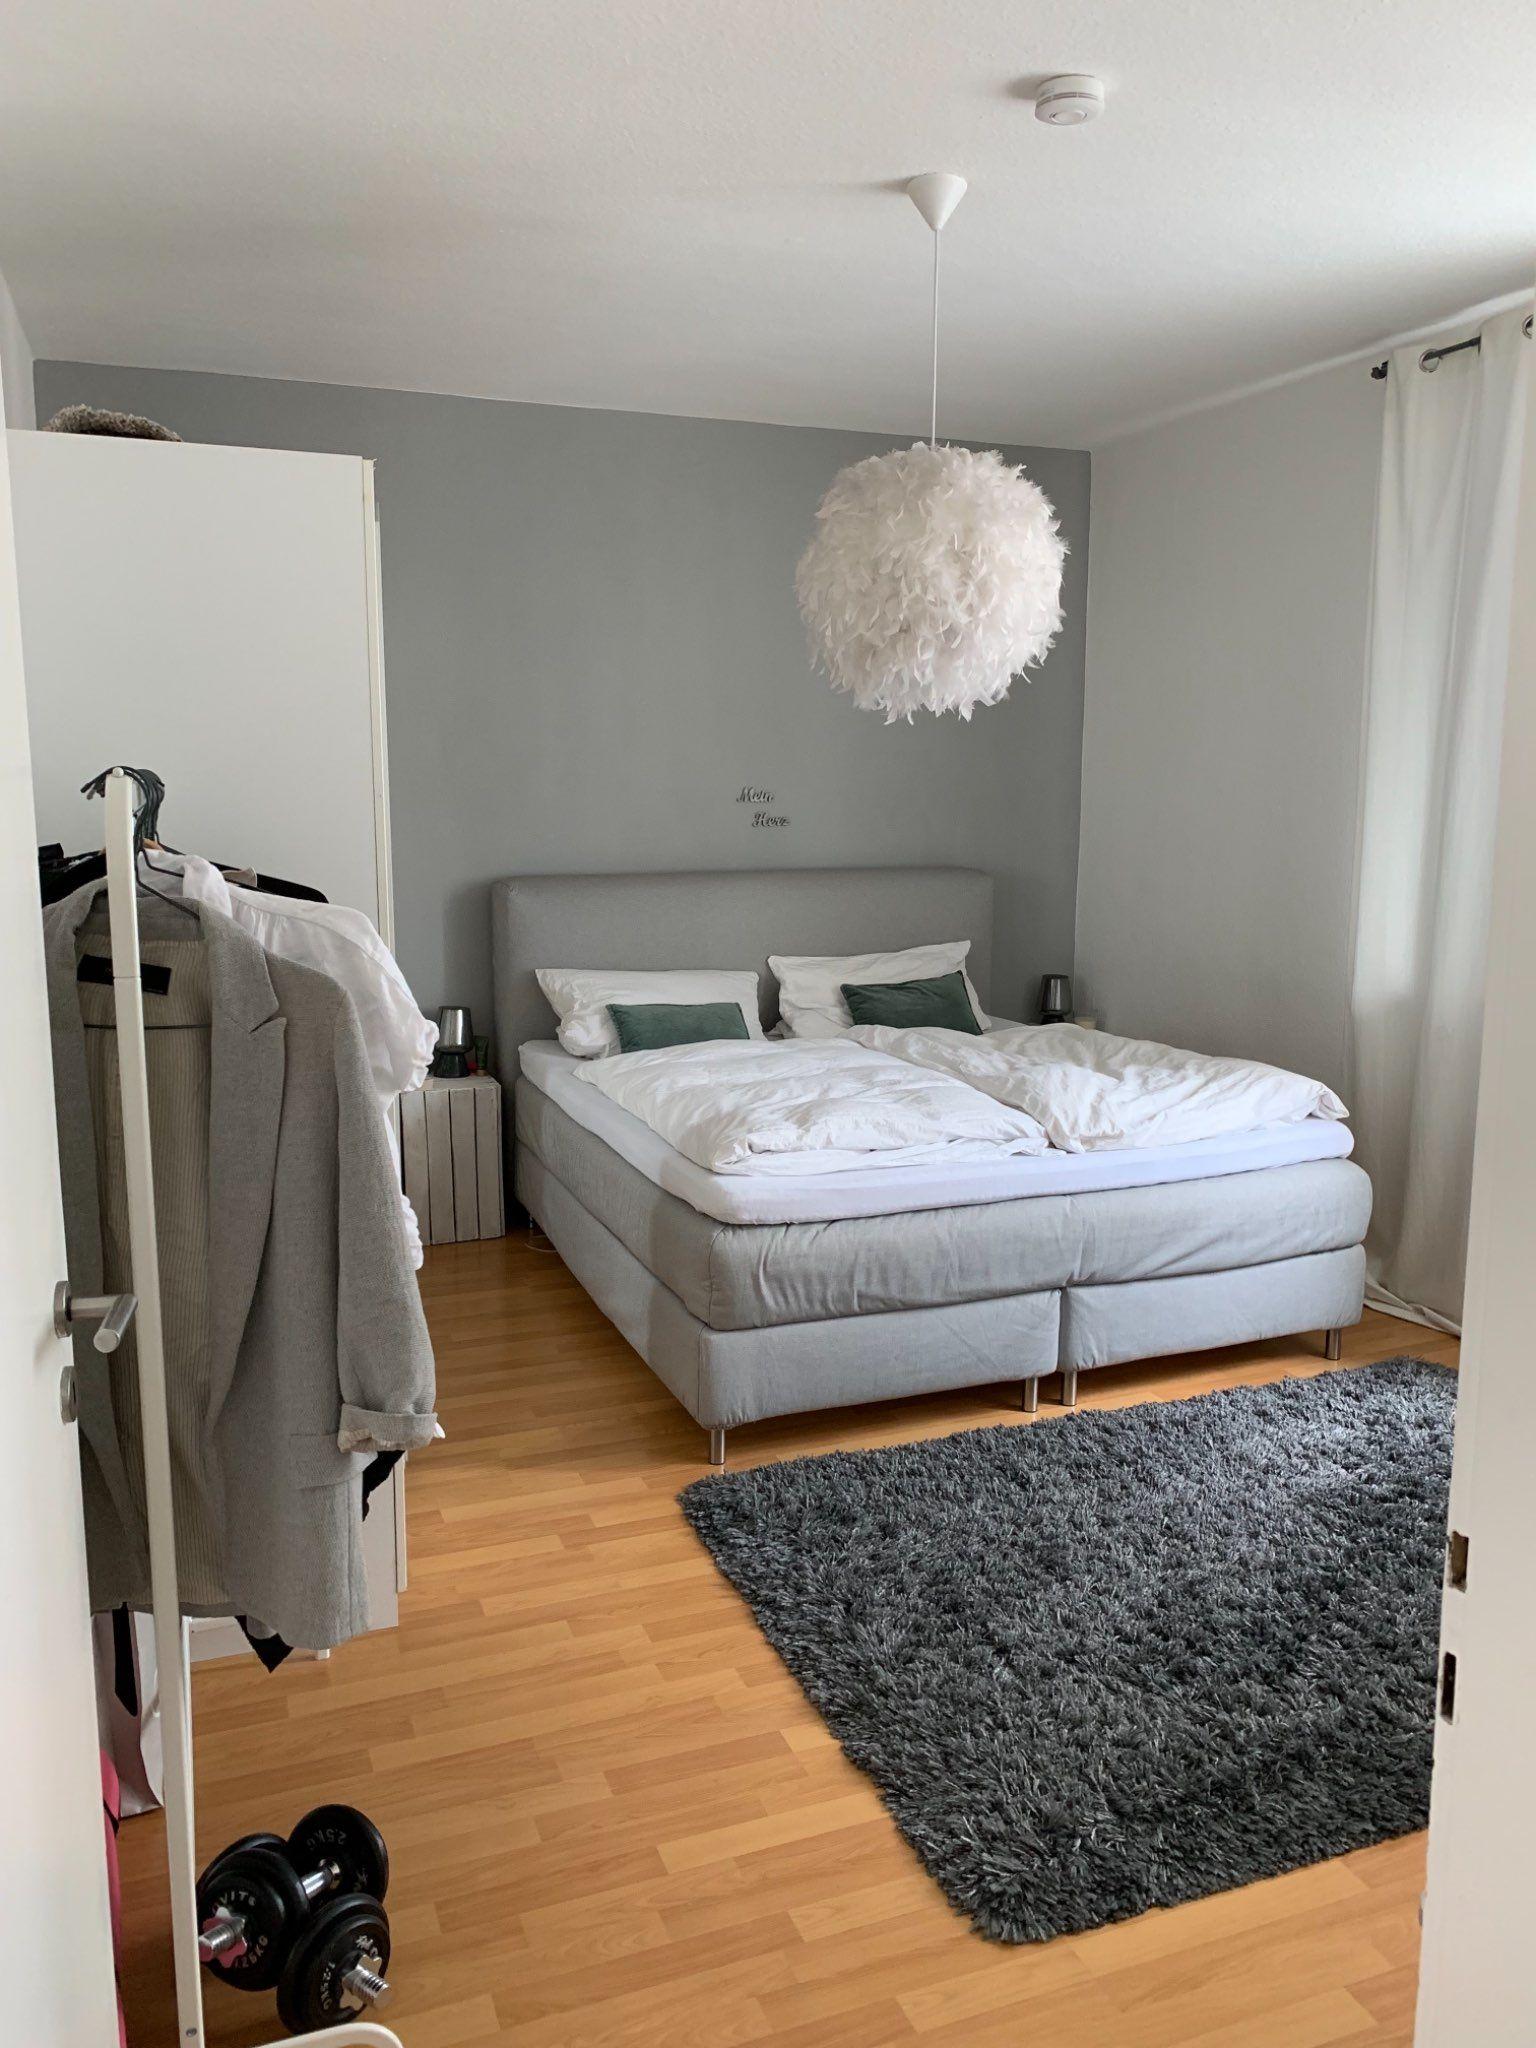 Ton In Ton Schlafzimmer In Der Kolner Altstadt Zimmer Schlafzimmer Einrichten Schlafzimmer